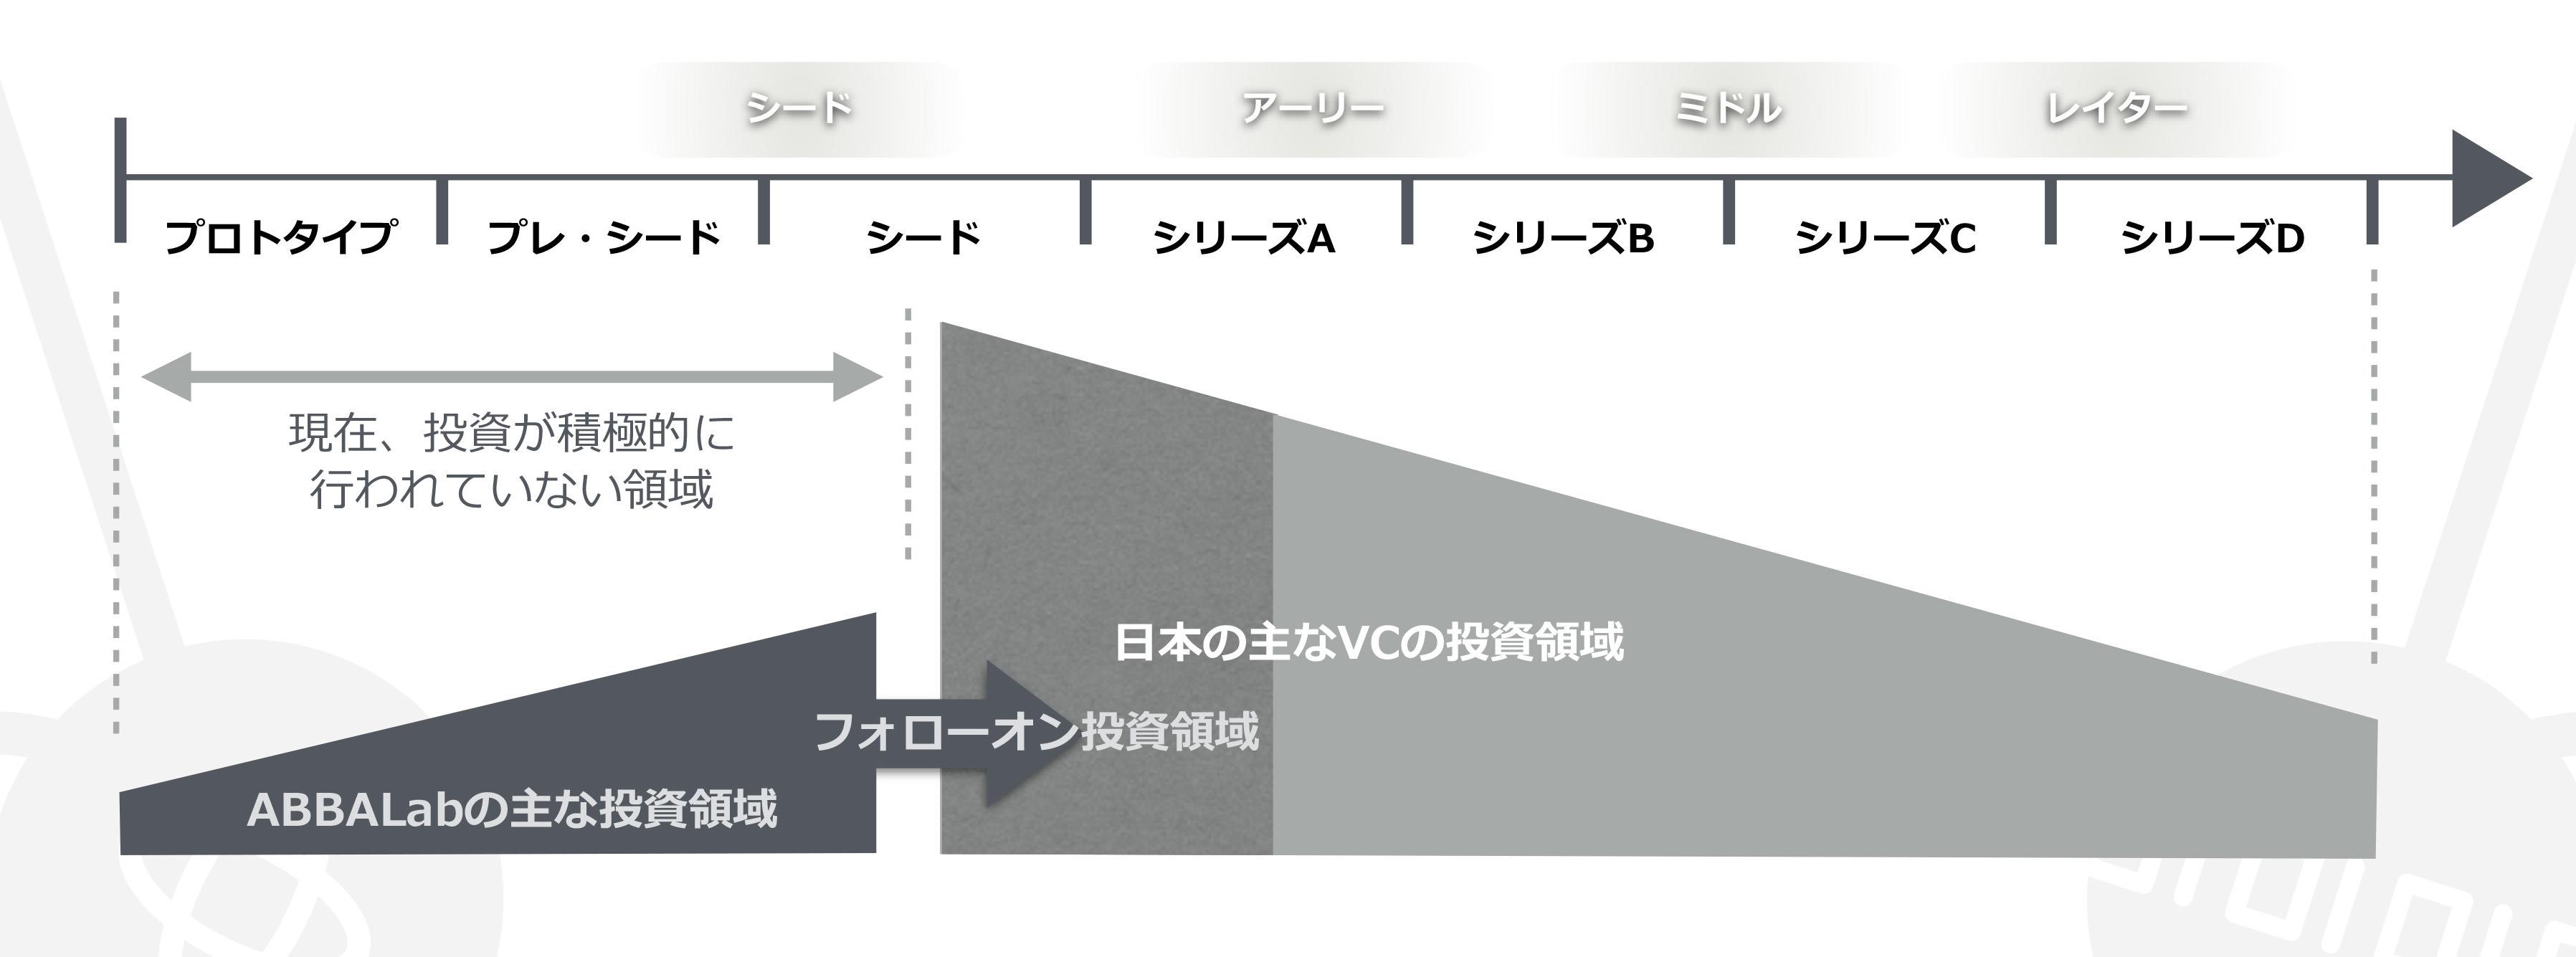 目的とターゲット.key